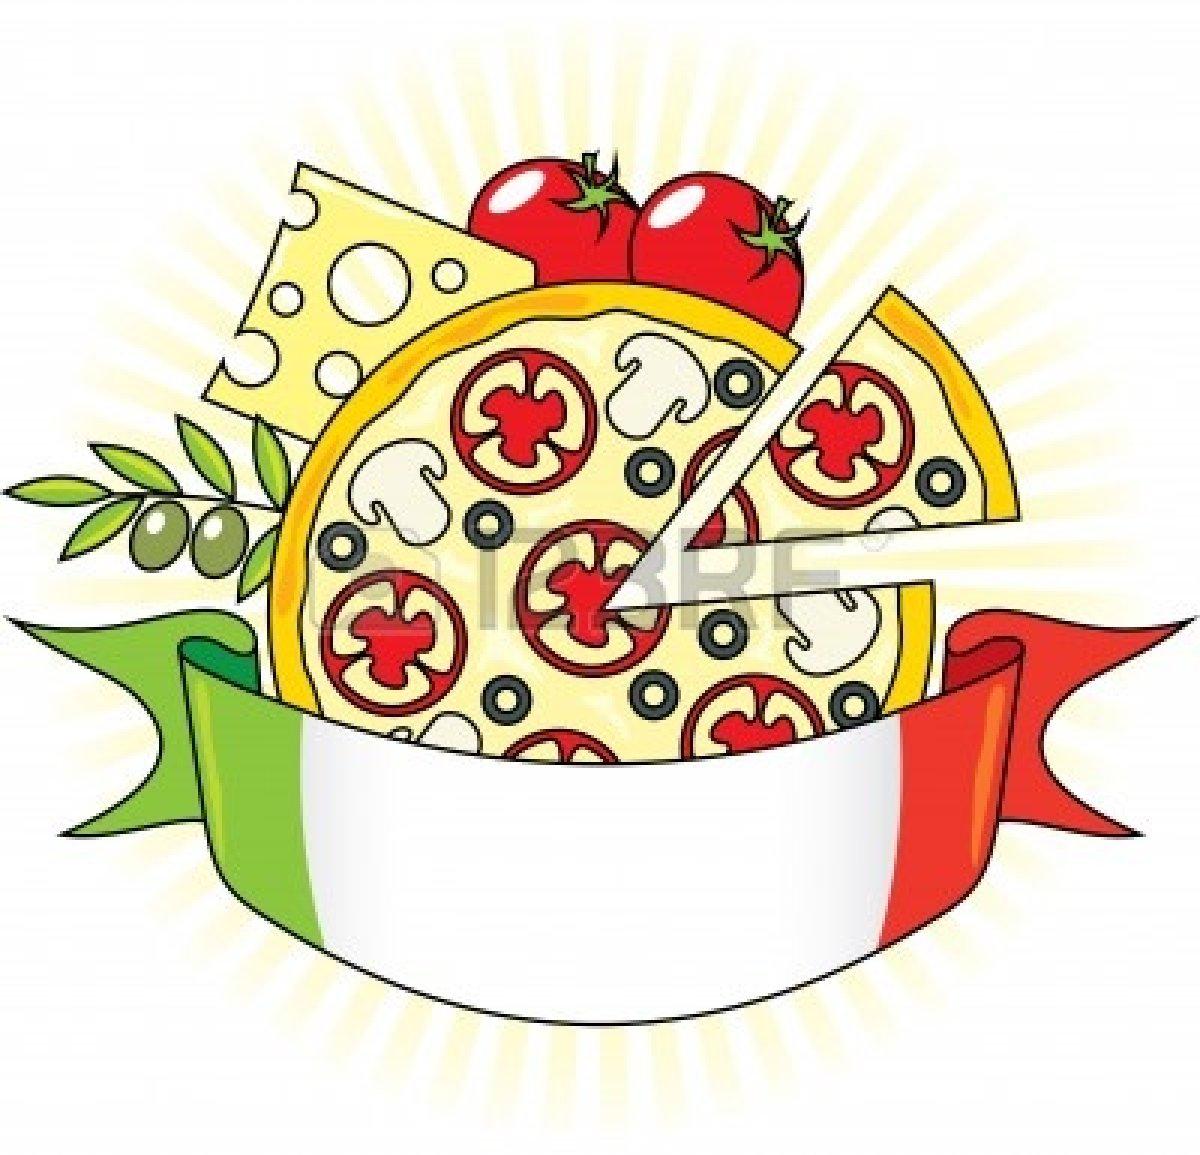 1200x1155 Veggie Pizza Clipart